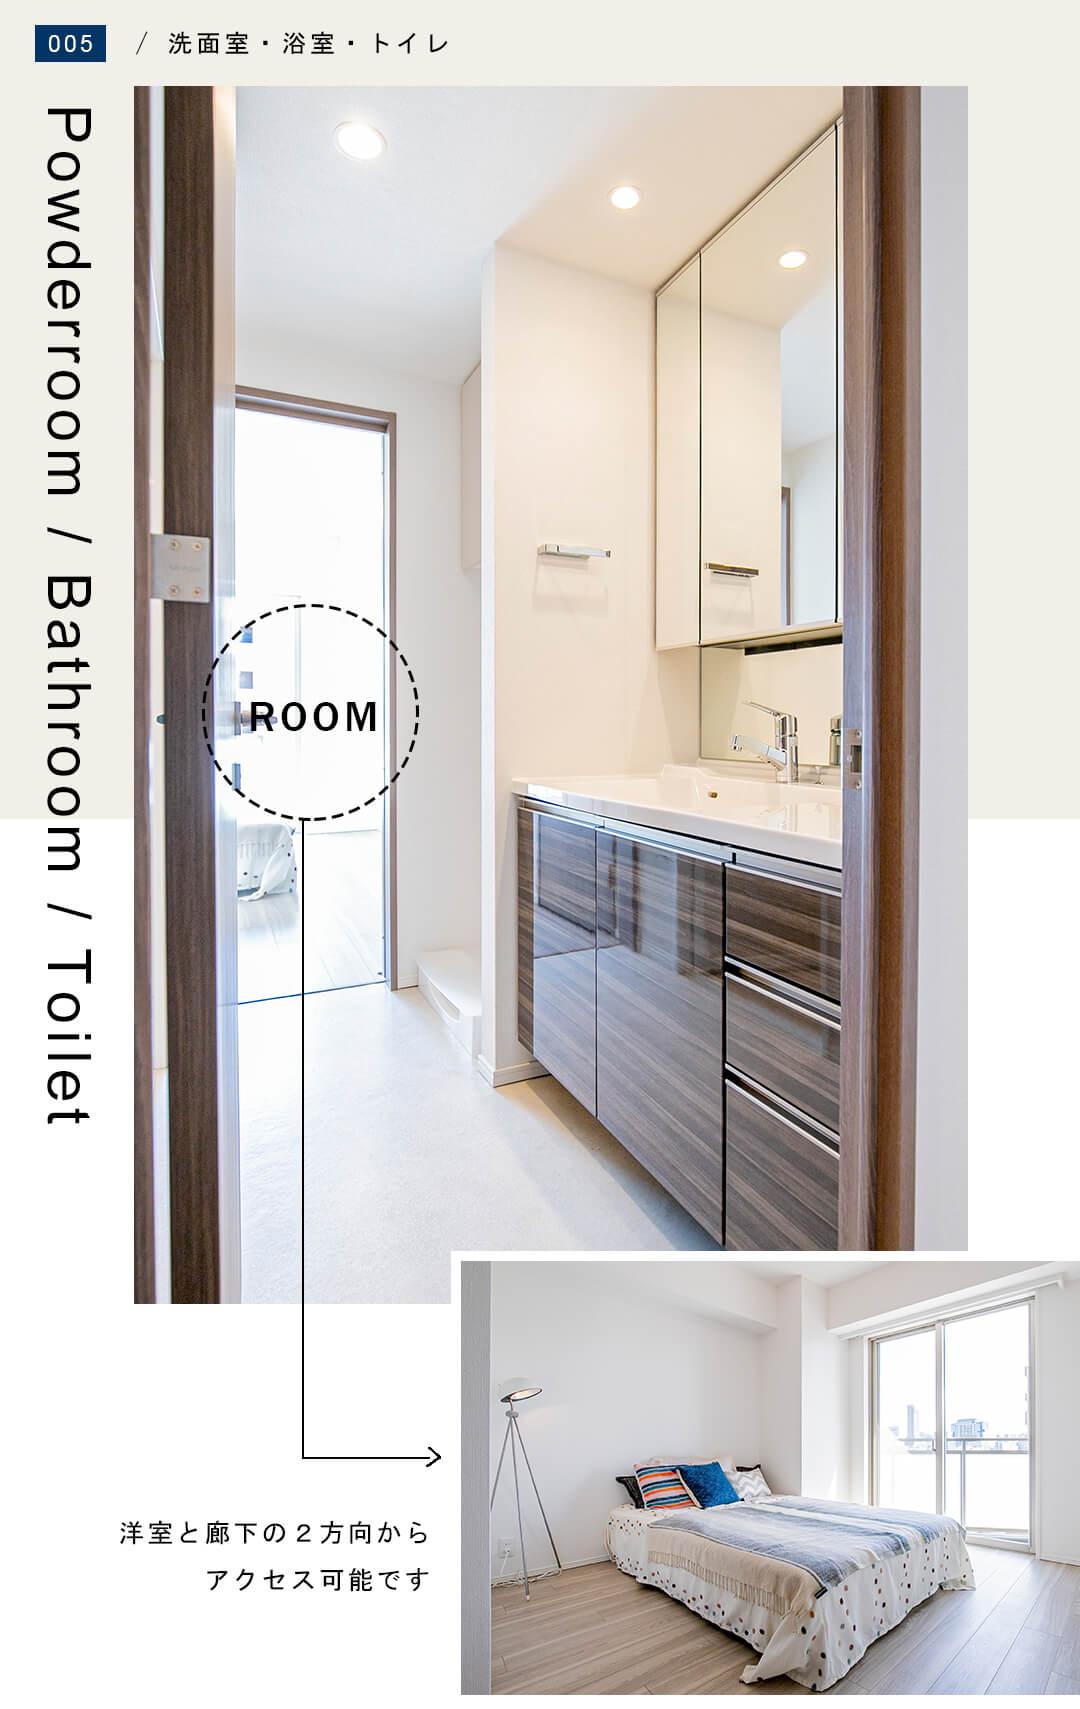 渋谷神山町レジデンスの洗面室と洋室